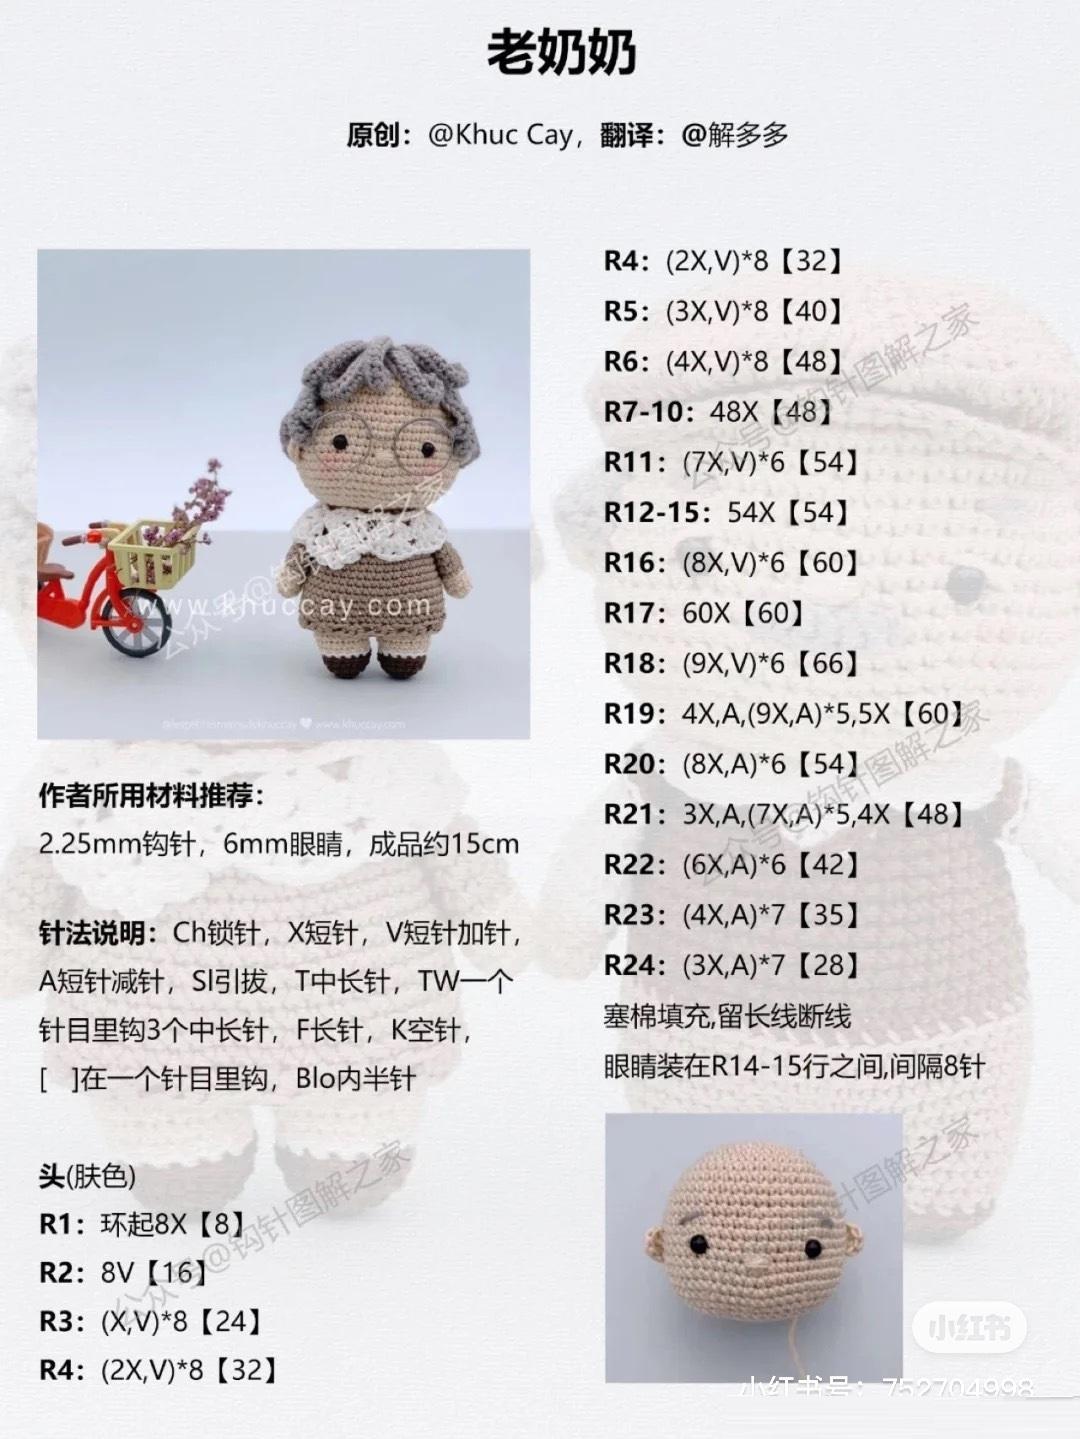 Описание вязания крючком кукольной пожилой пары (1)